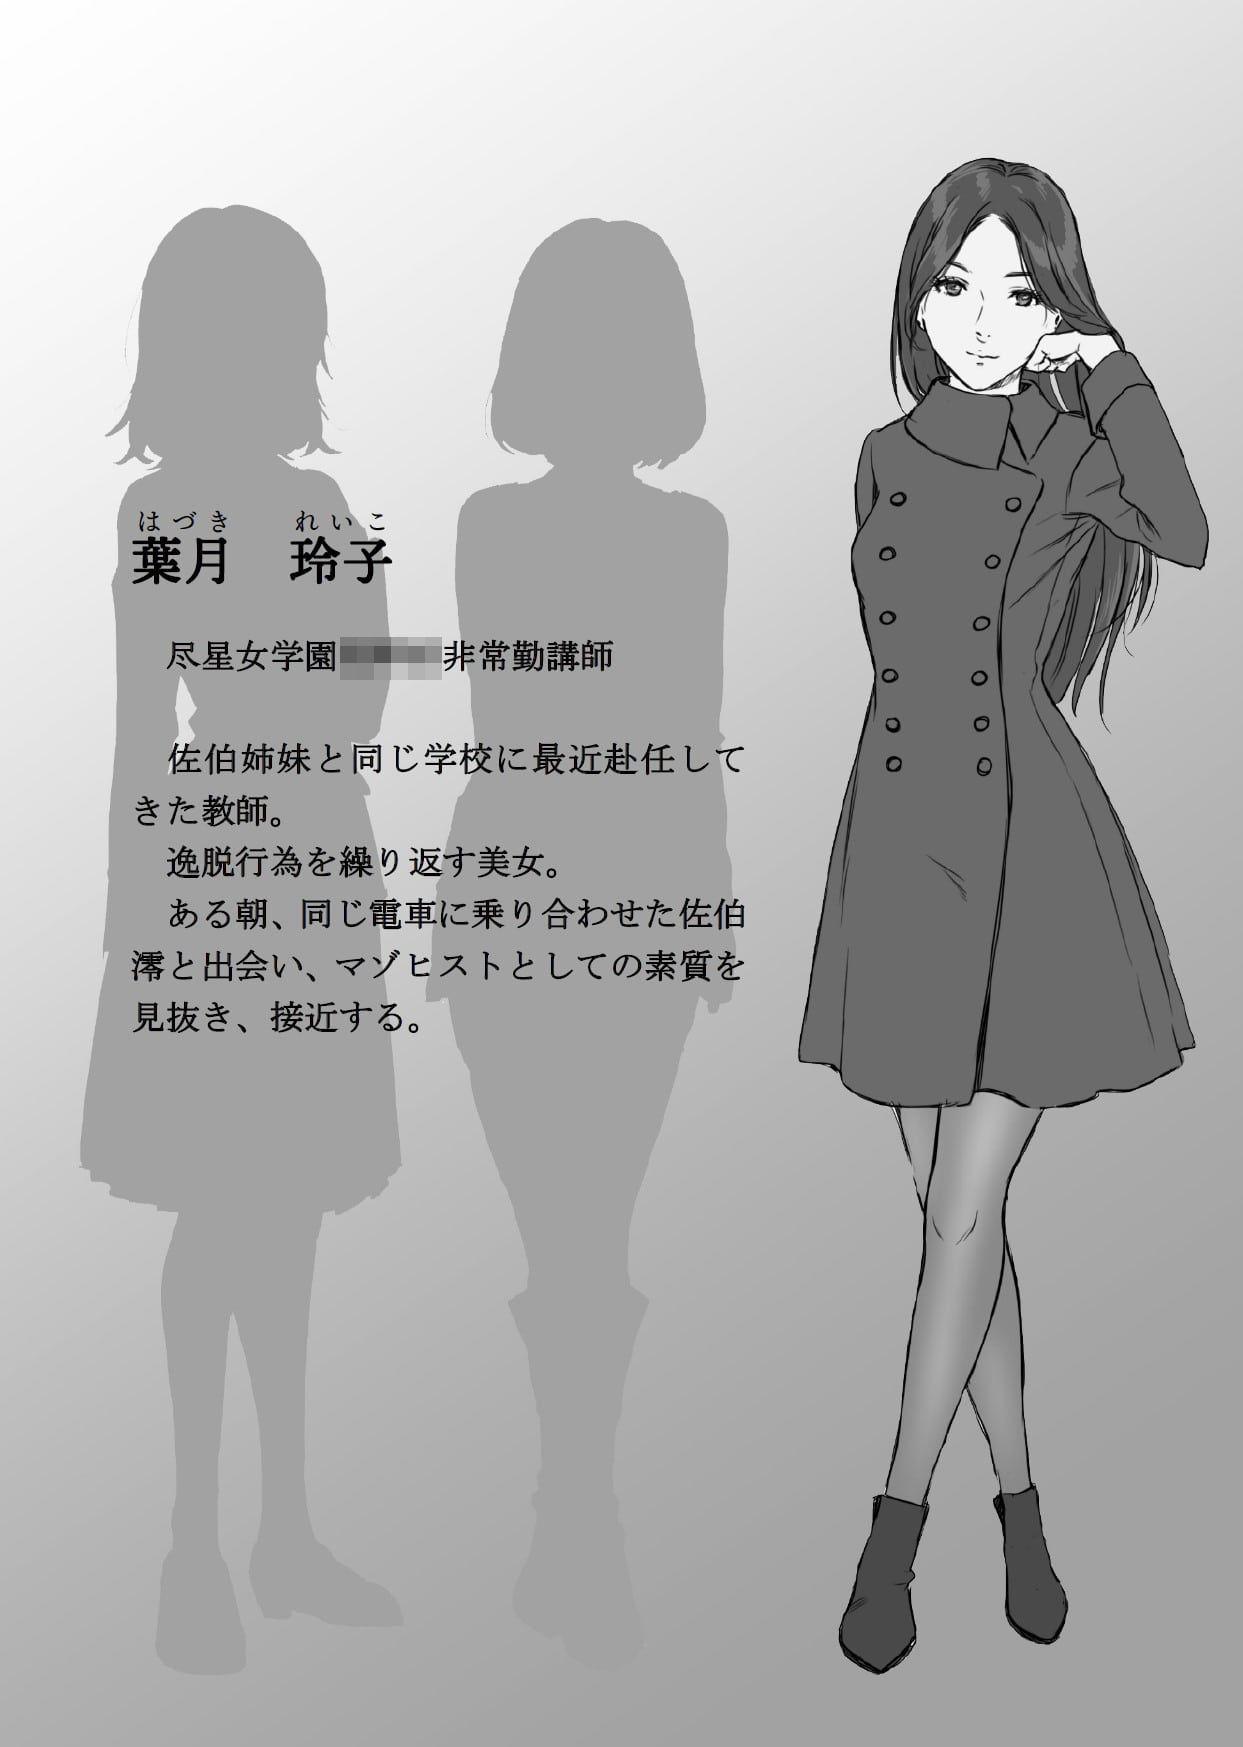 爛熟百合小説『kanariya』のサンプル画像6